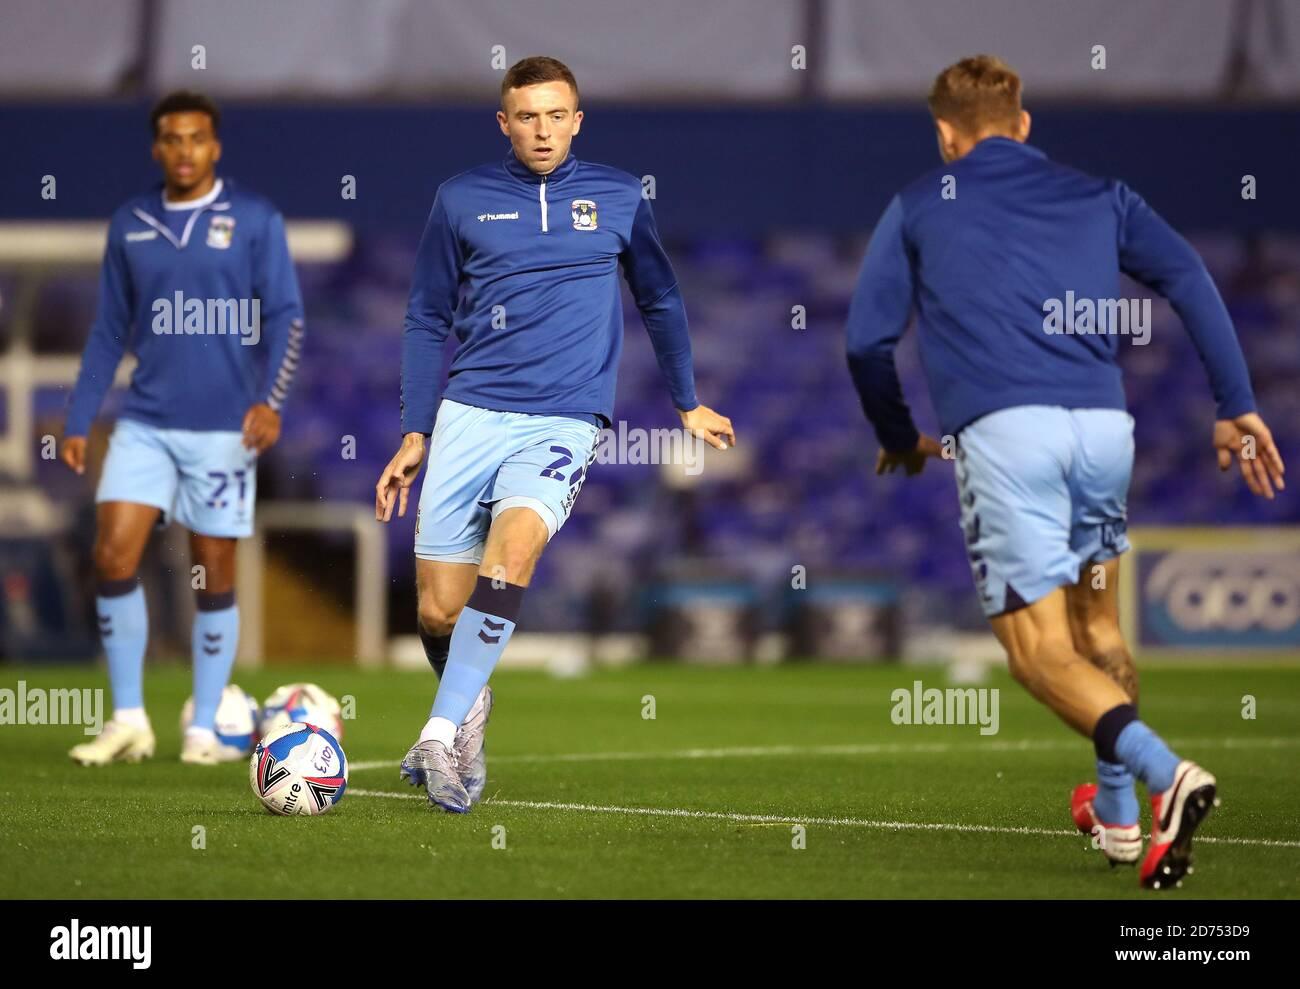 Jordan Shipley (au centre) de Coventry City s'échauffe avant le match du championnat Sky Bet au stade St. Andrew's trillion Trophy, à Birmingham. Banque D'Images